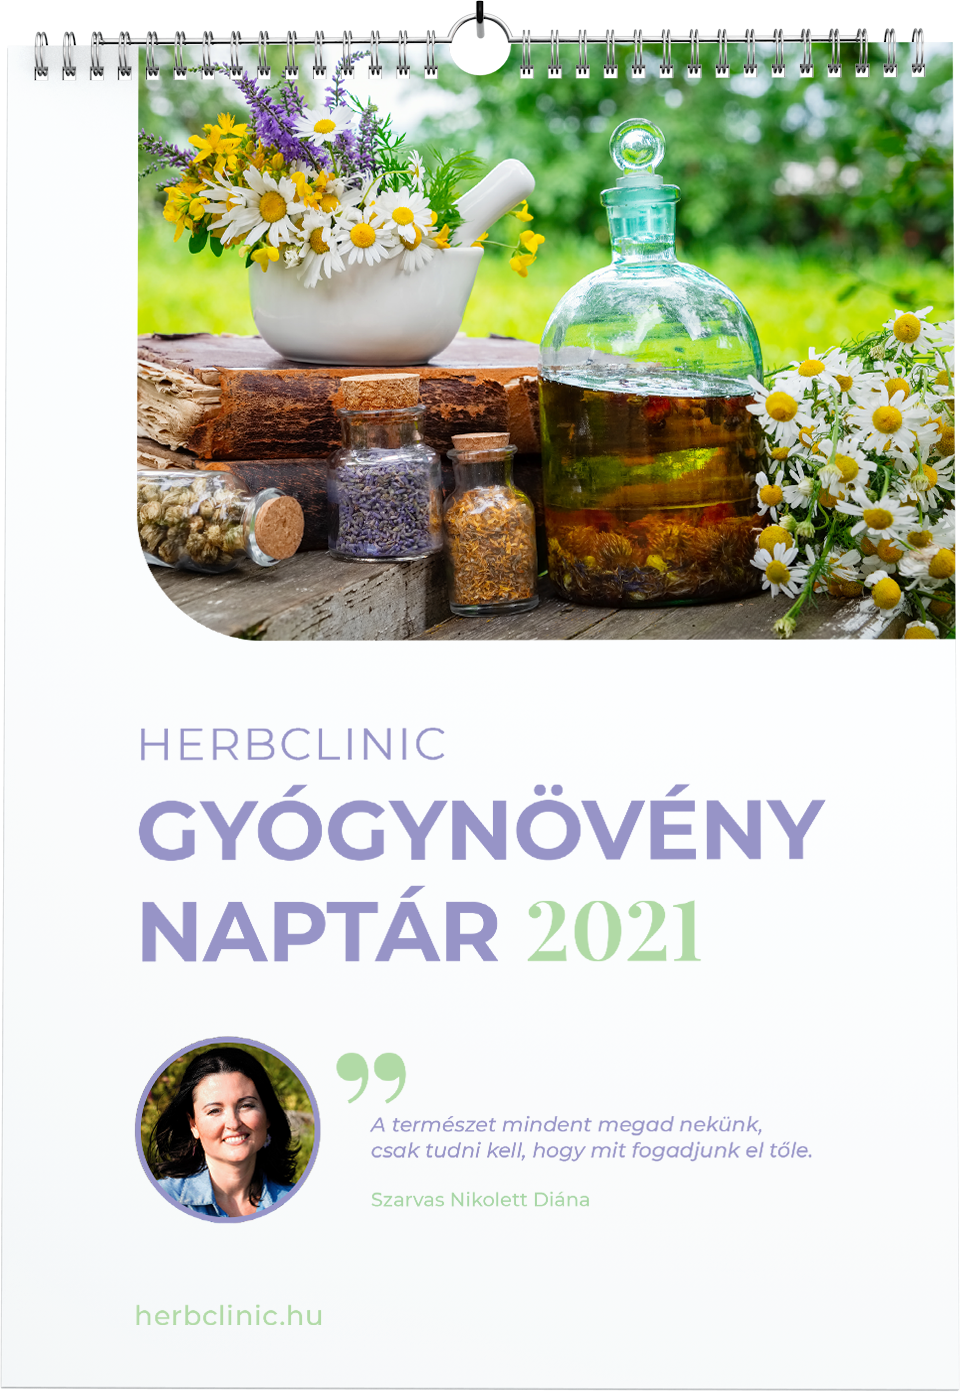 test karcsú gyógynövény 2021